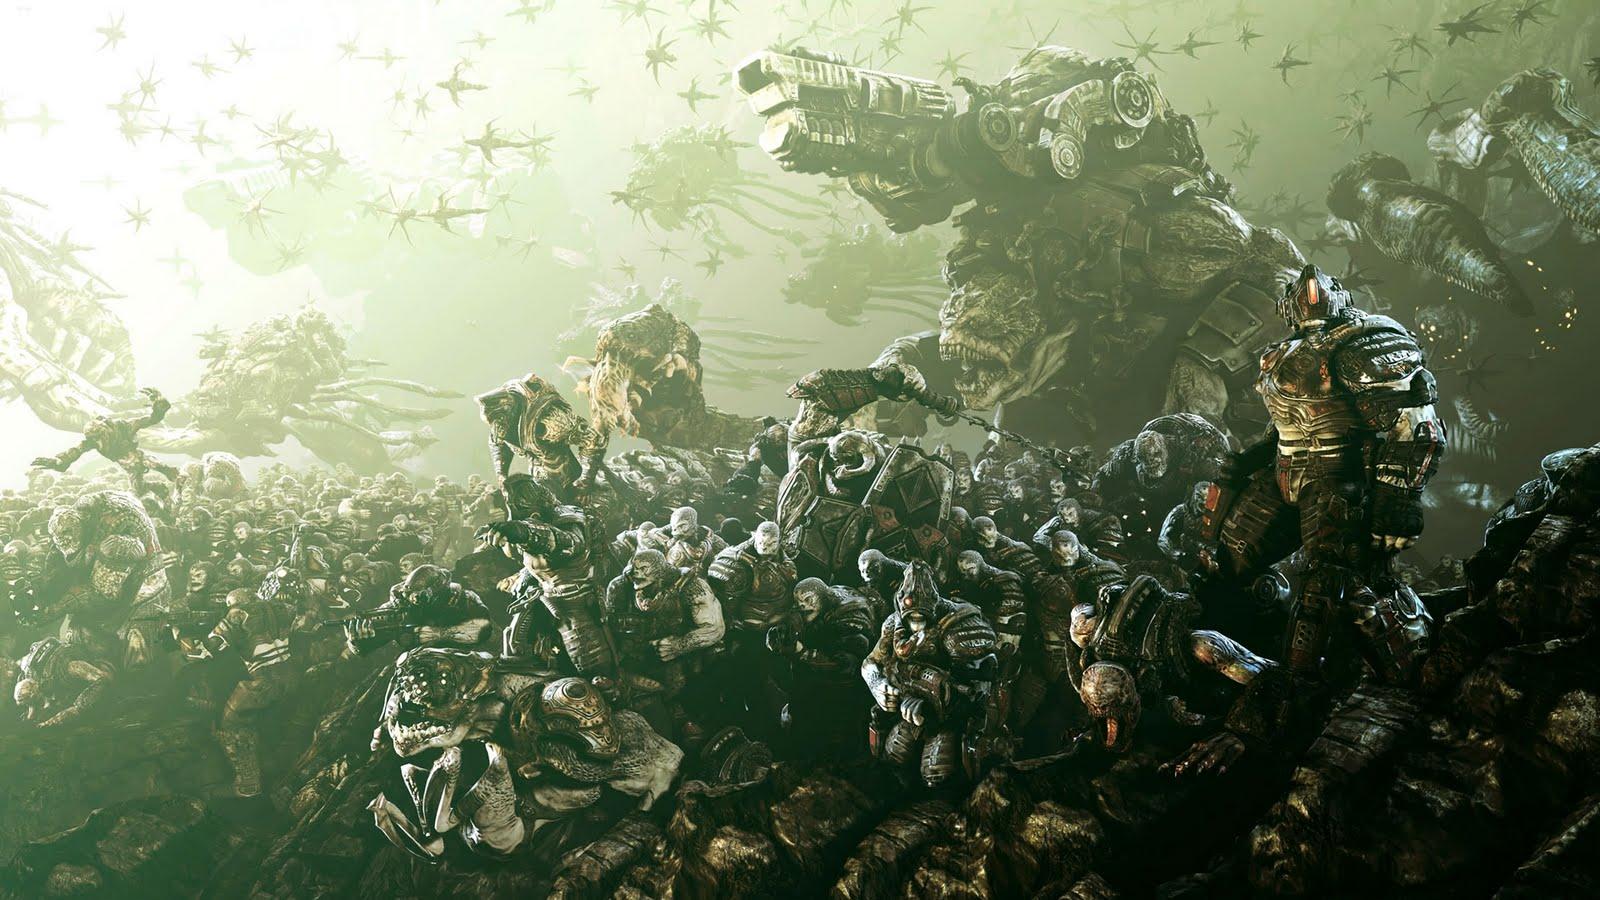 Gears Of War Locust Wallpaper 4274 Hd Wallpapers in Games   Imagesci 1600x900